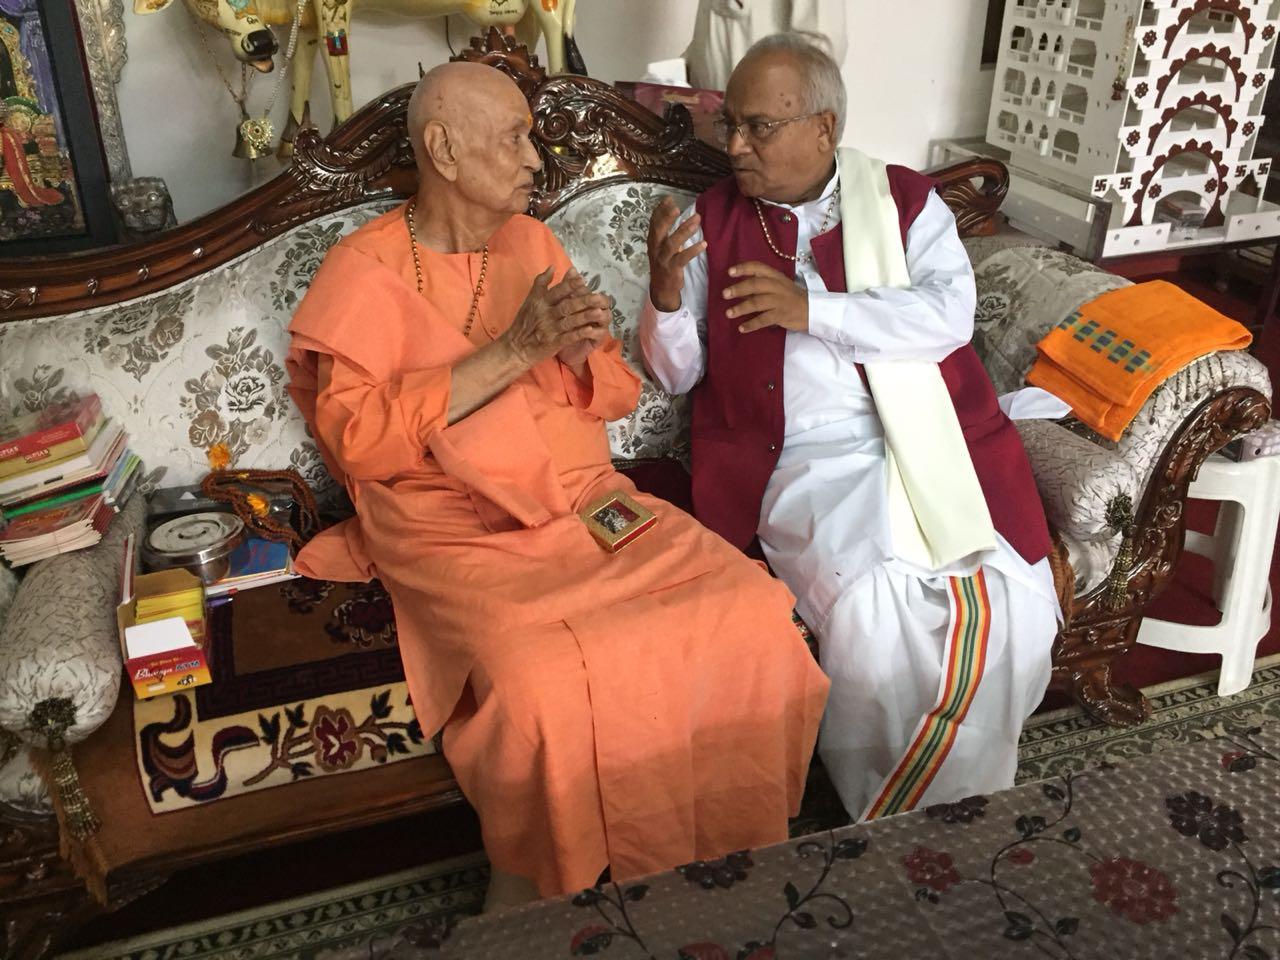 भारत माता मंदिर, हरिद्वार के संस्थापक प्रसिद्ध सन्यासी श्री सत्यमित्रानंदजी और डॉ. वैदिक  देश की  वर्तमान स्थिति पर चर्चा करते हुए